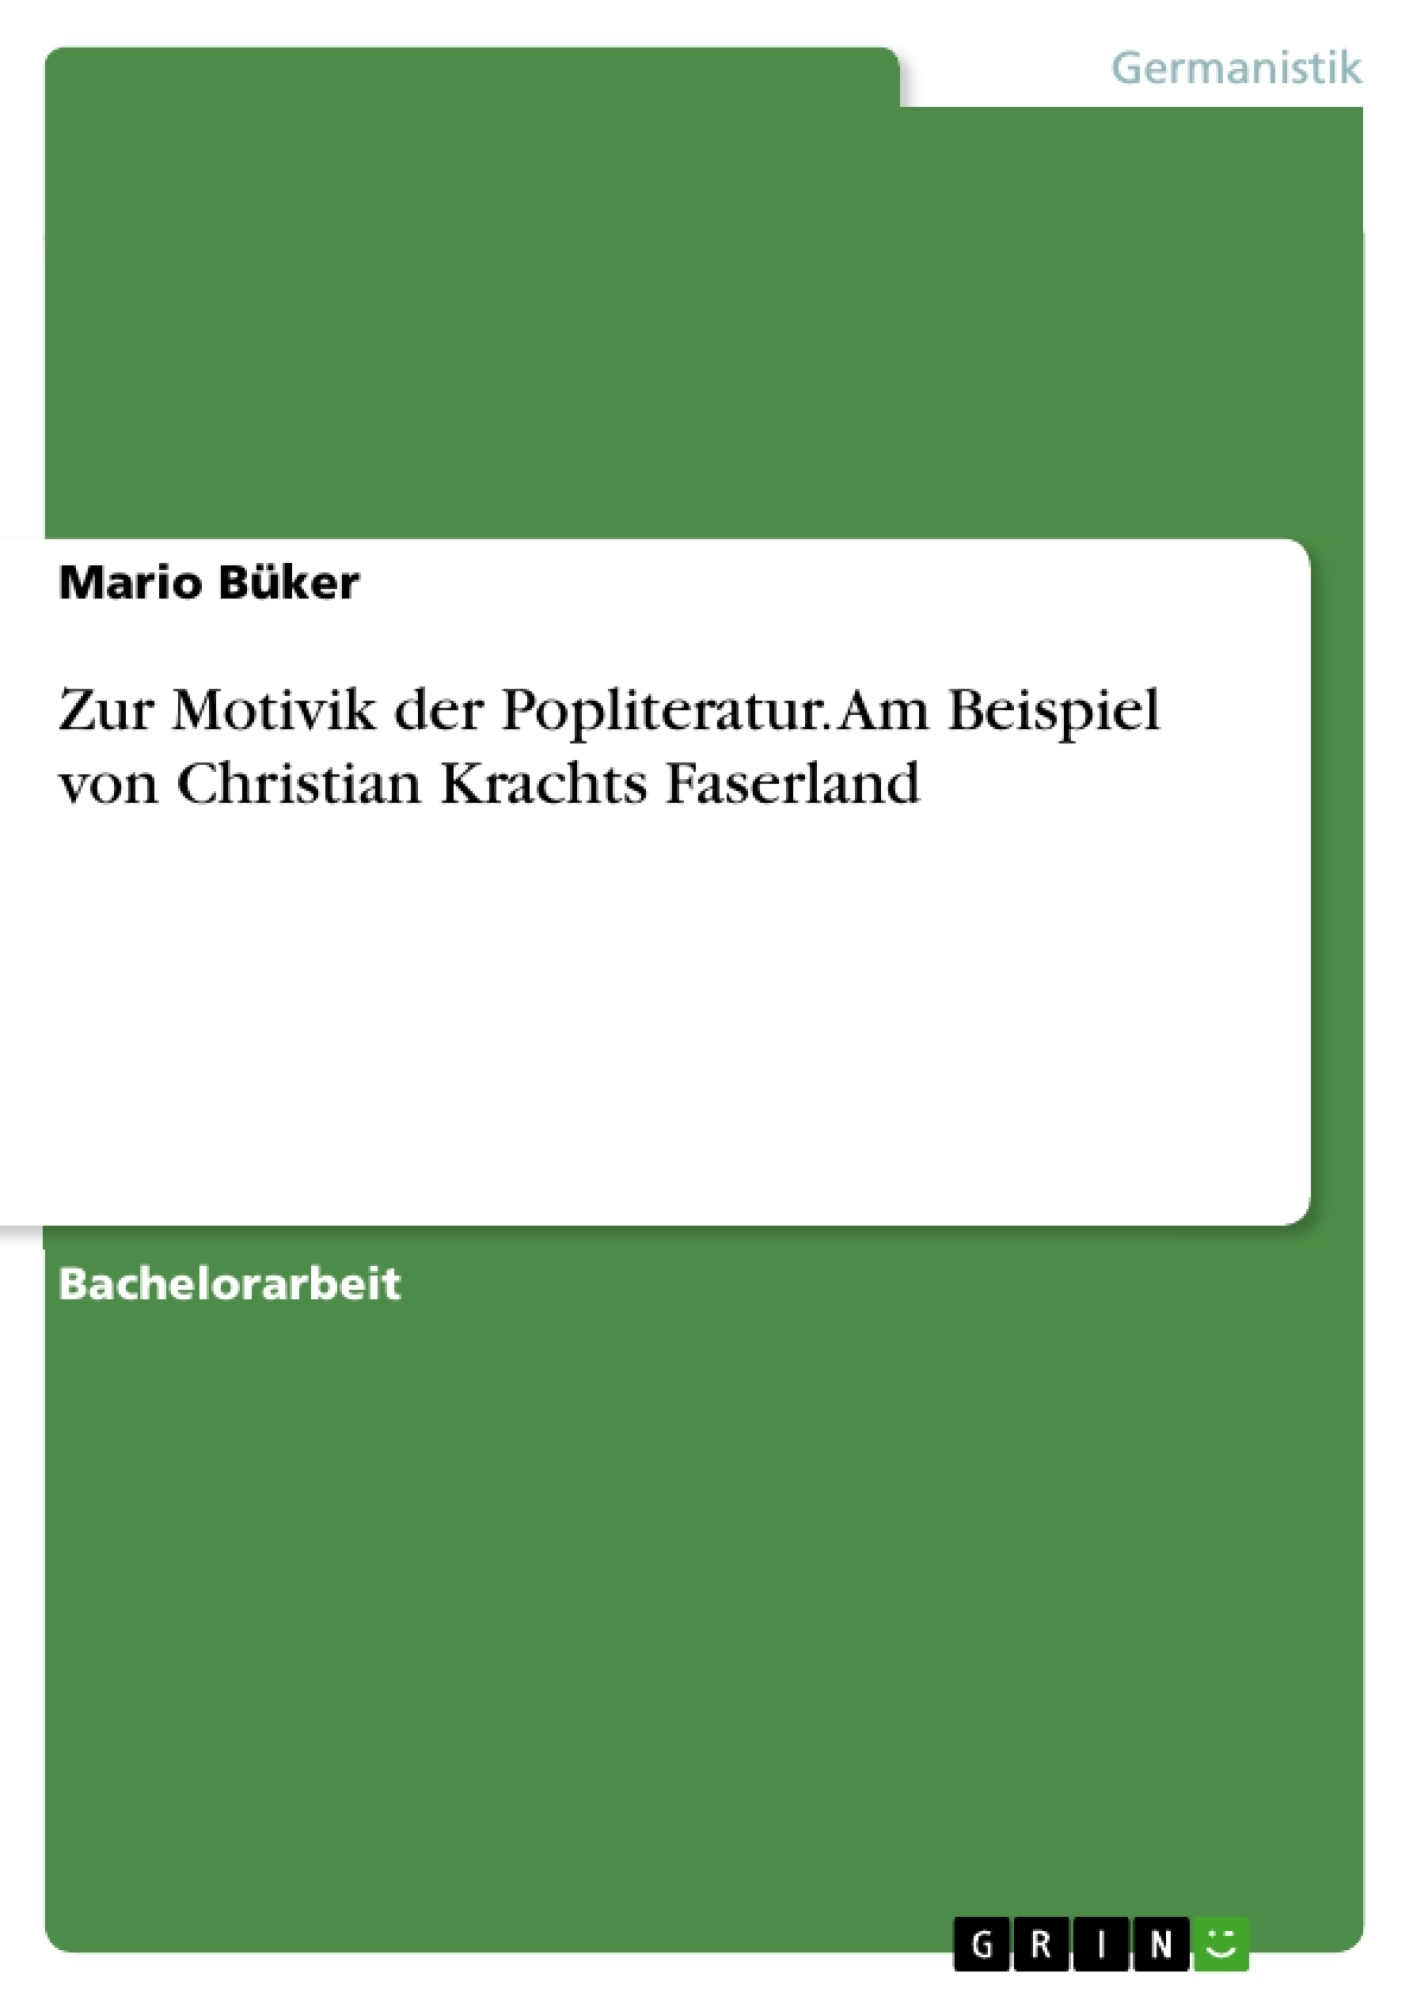 Titel: Zur Motivik der Popliteratur. Am Beispiel von Christian Krachts Faserland